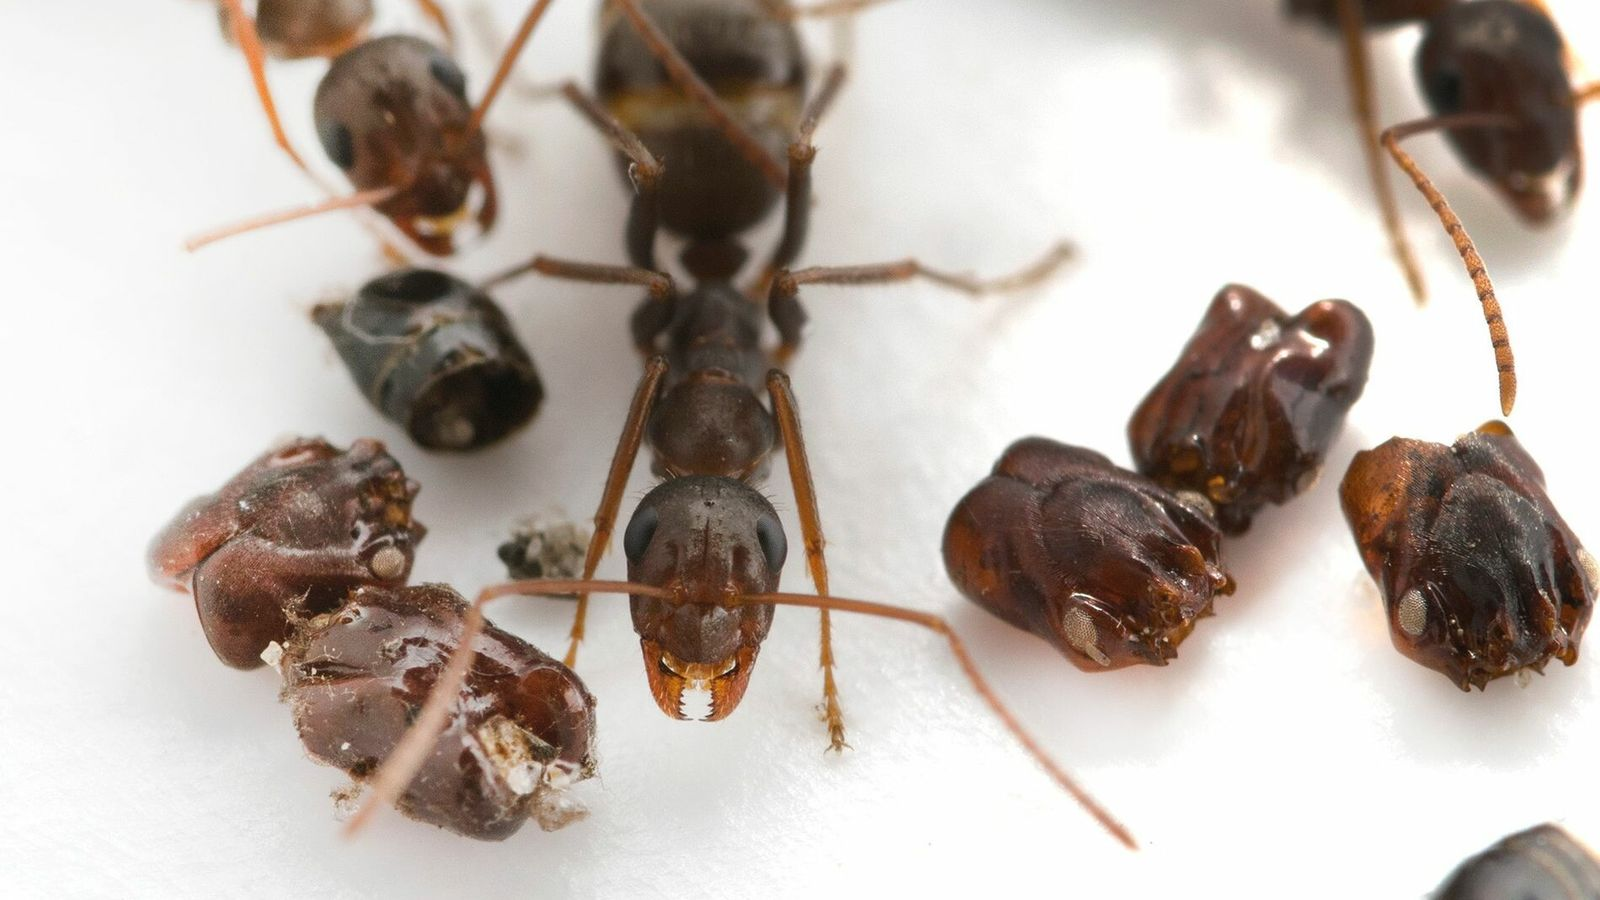 Les fourmis Dracula doivent leur nom à la façon dont elles boivent parfois le sang de ...